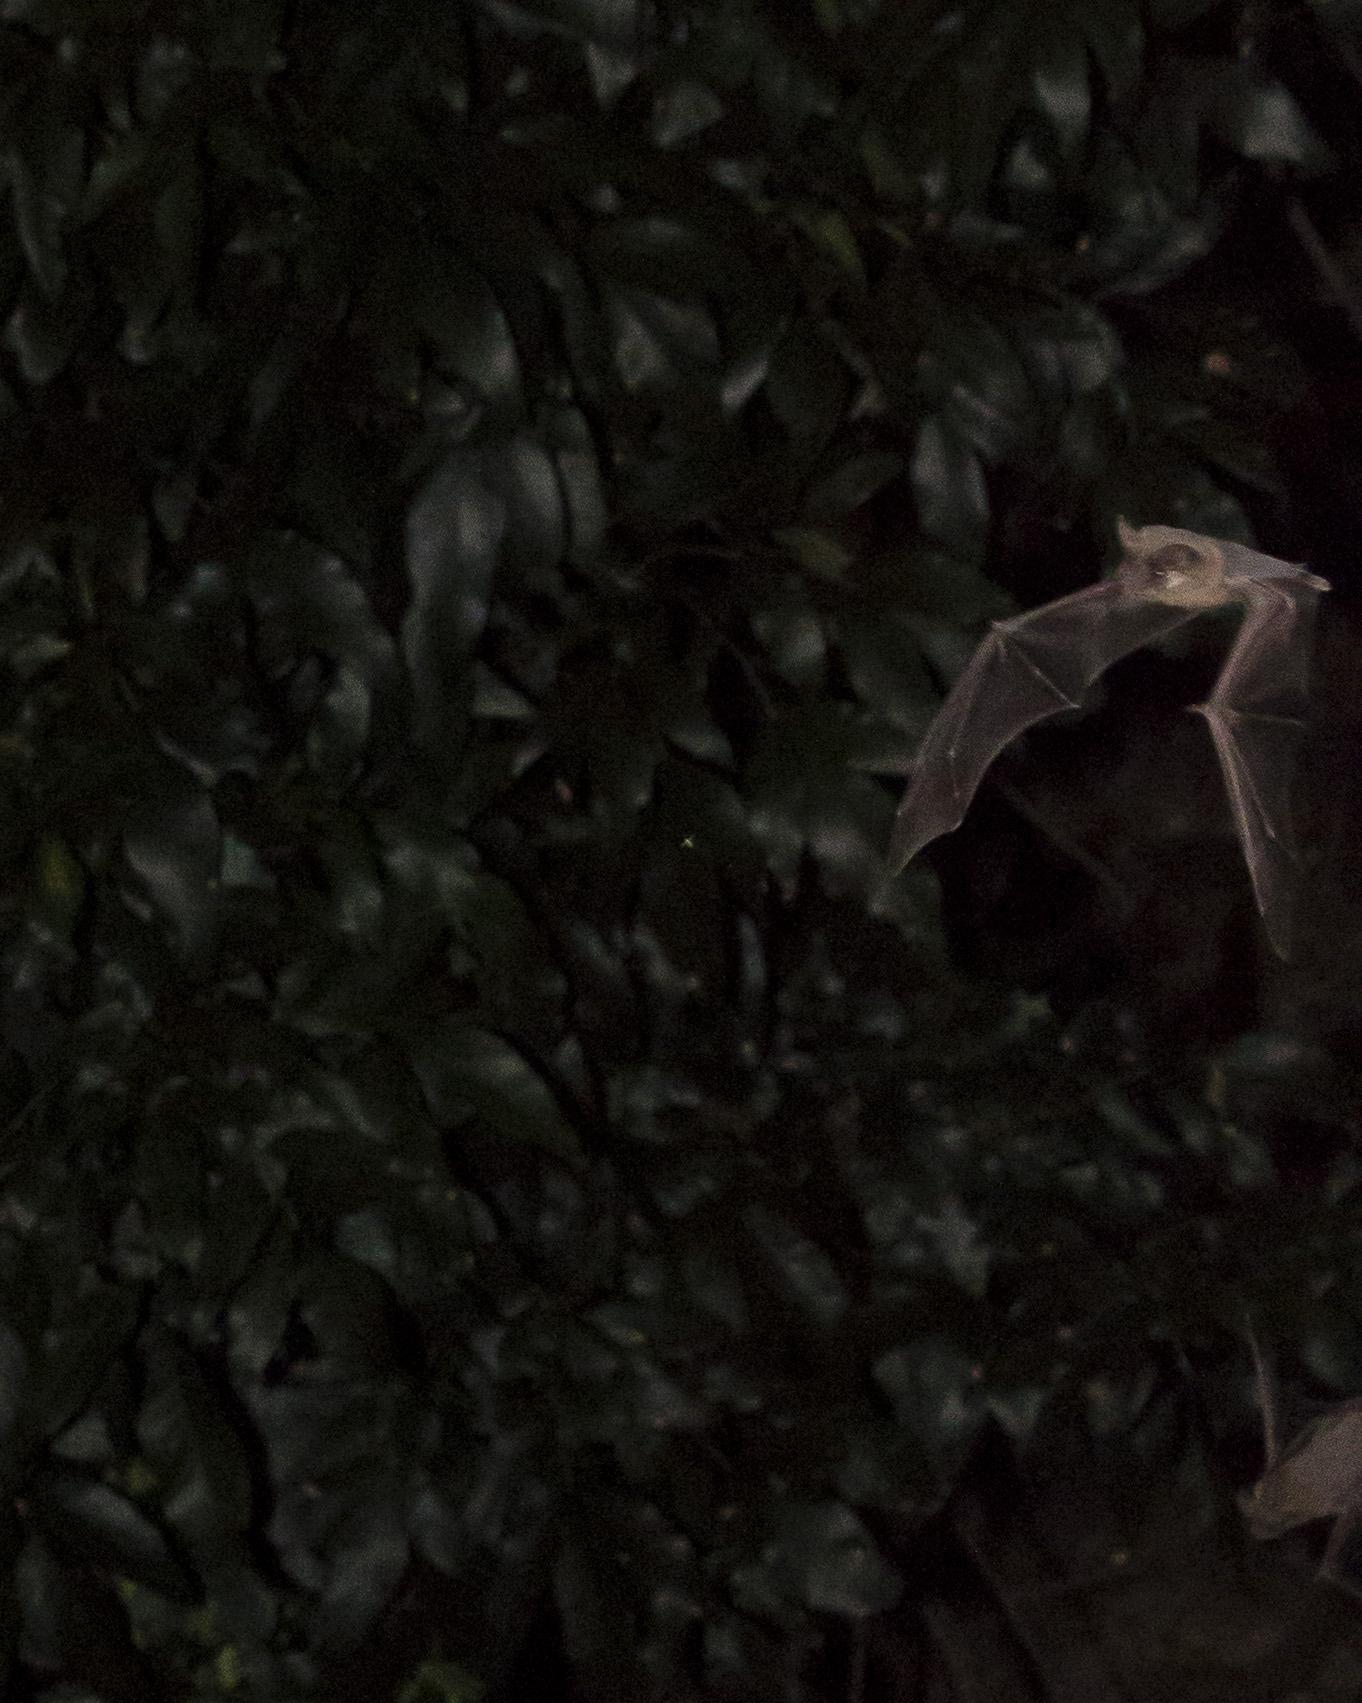 Bats_17.JPG